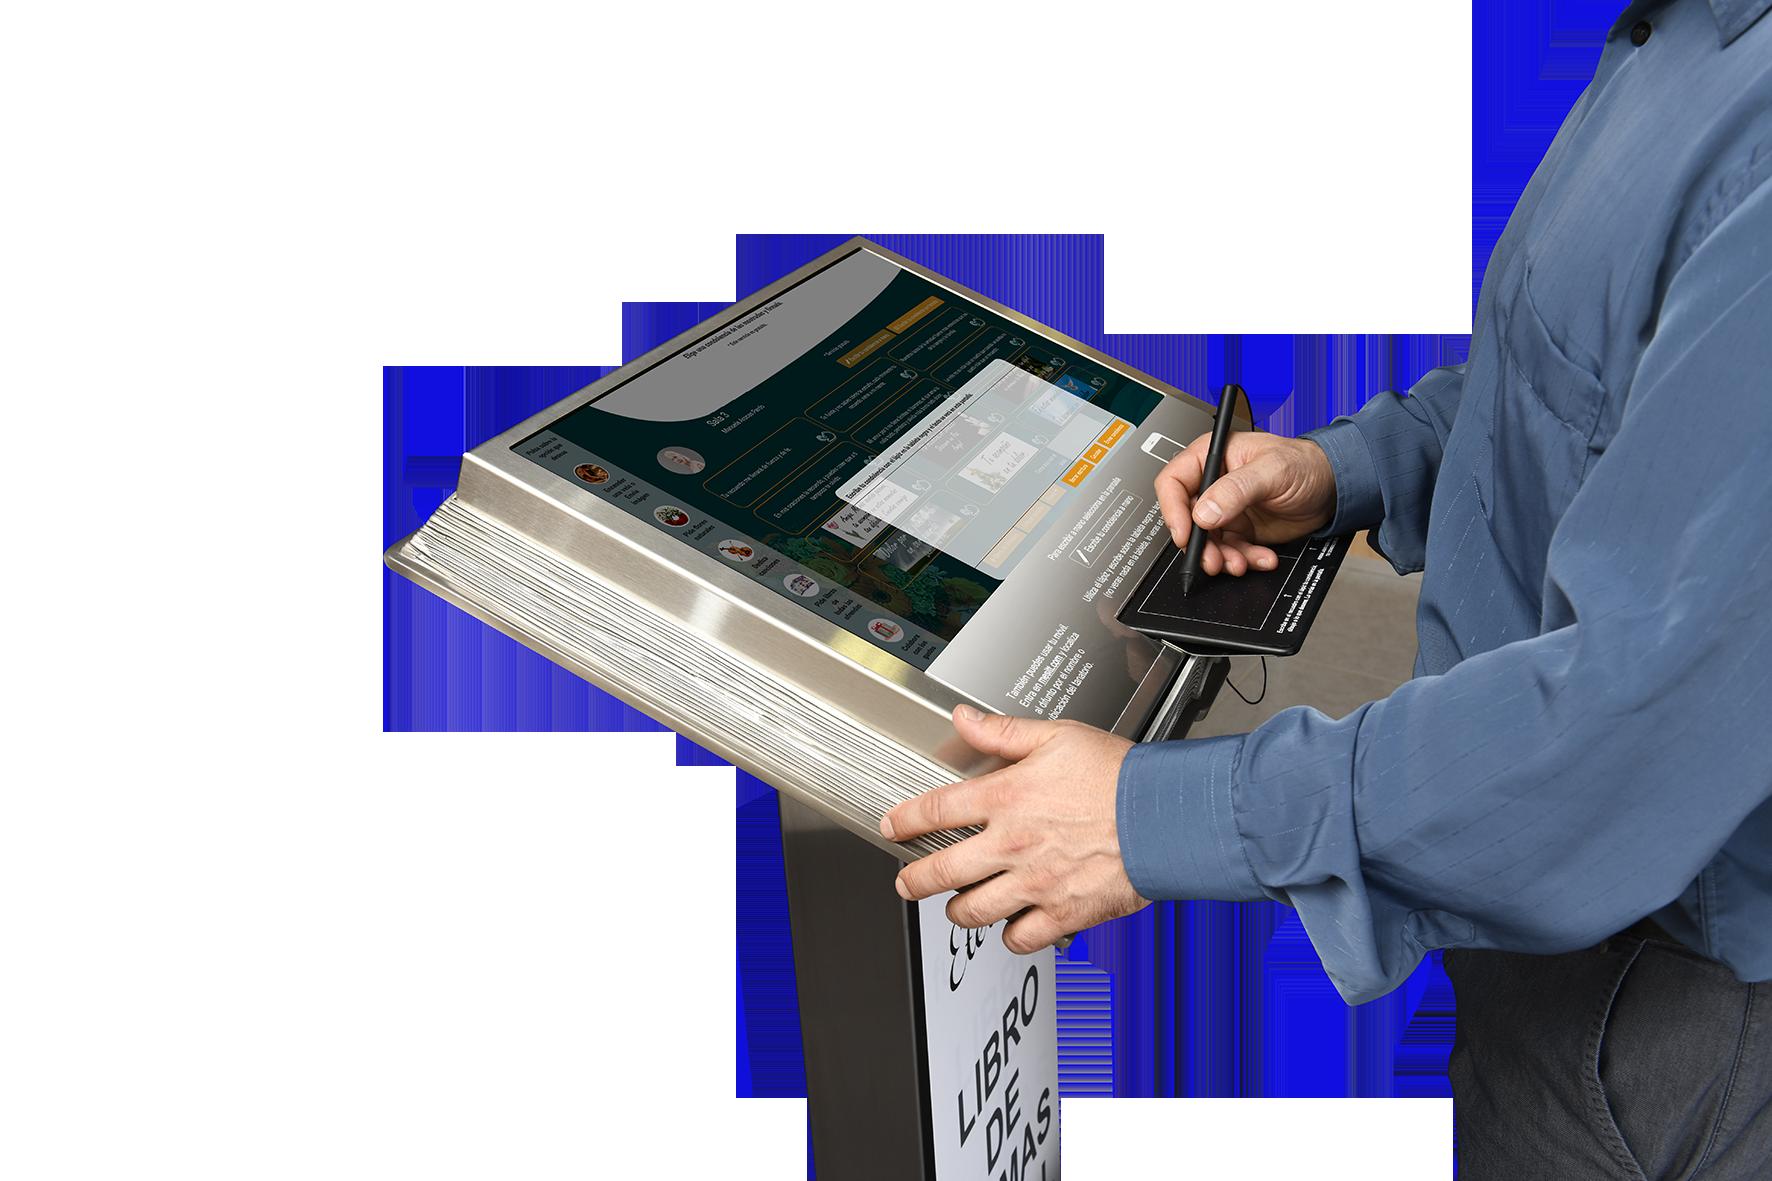 libro de firmas digital